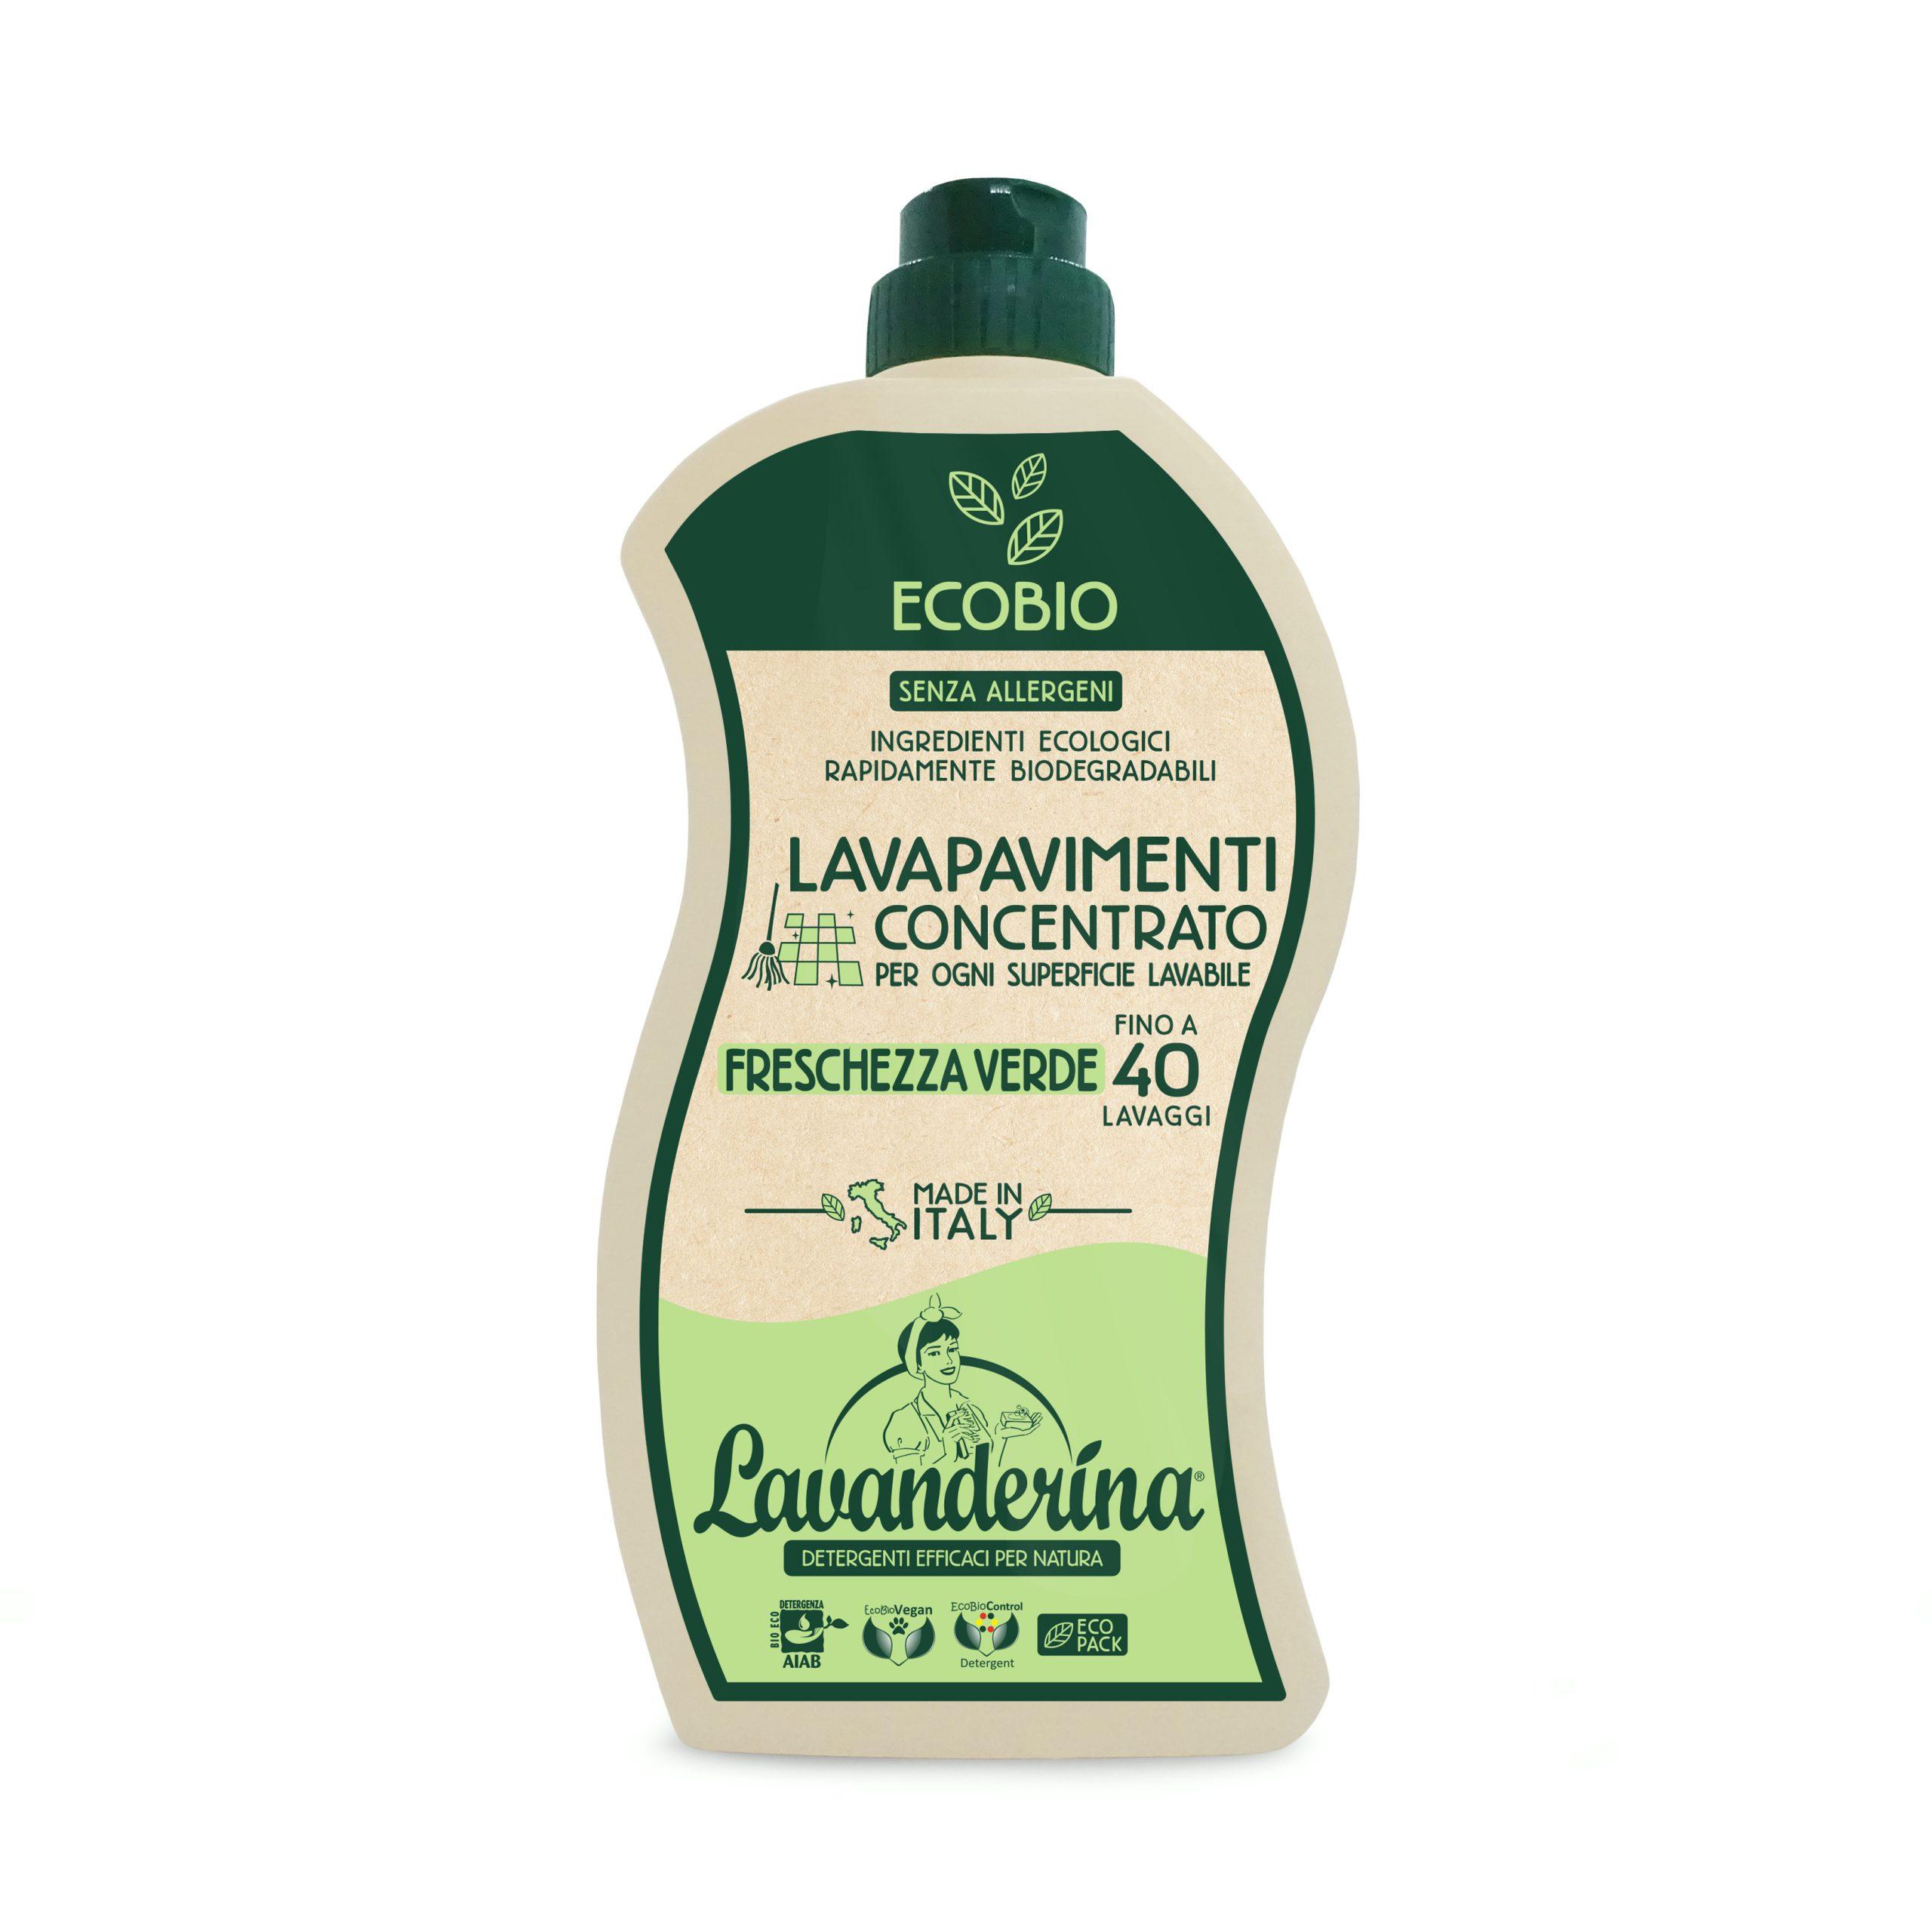 Lavapavimenti Freschezza Verde concentrato 1000mL